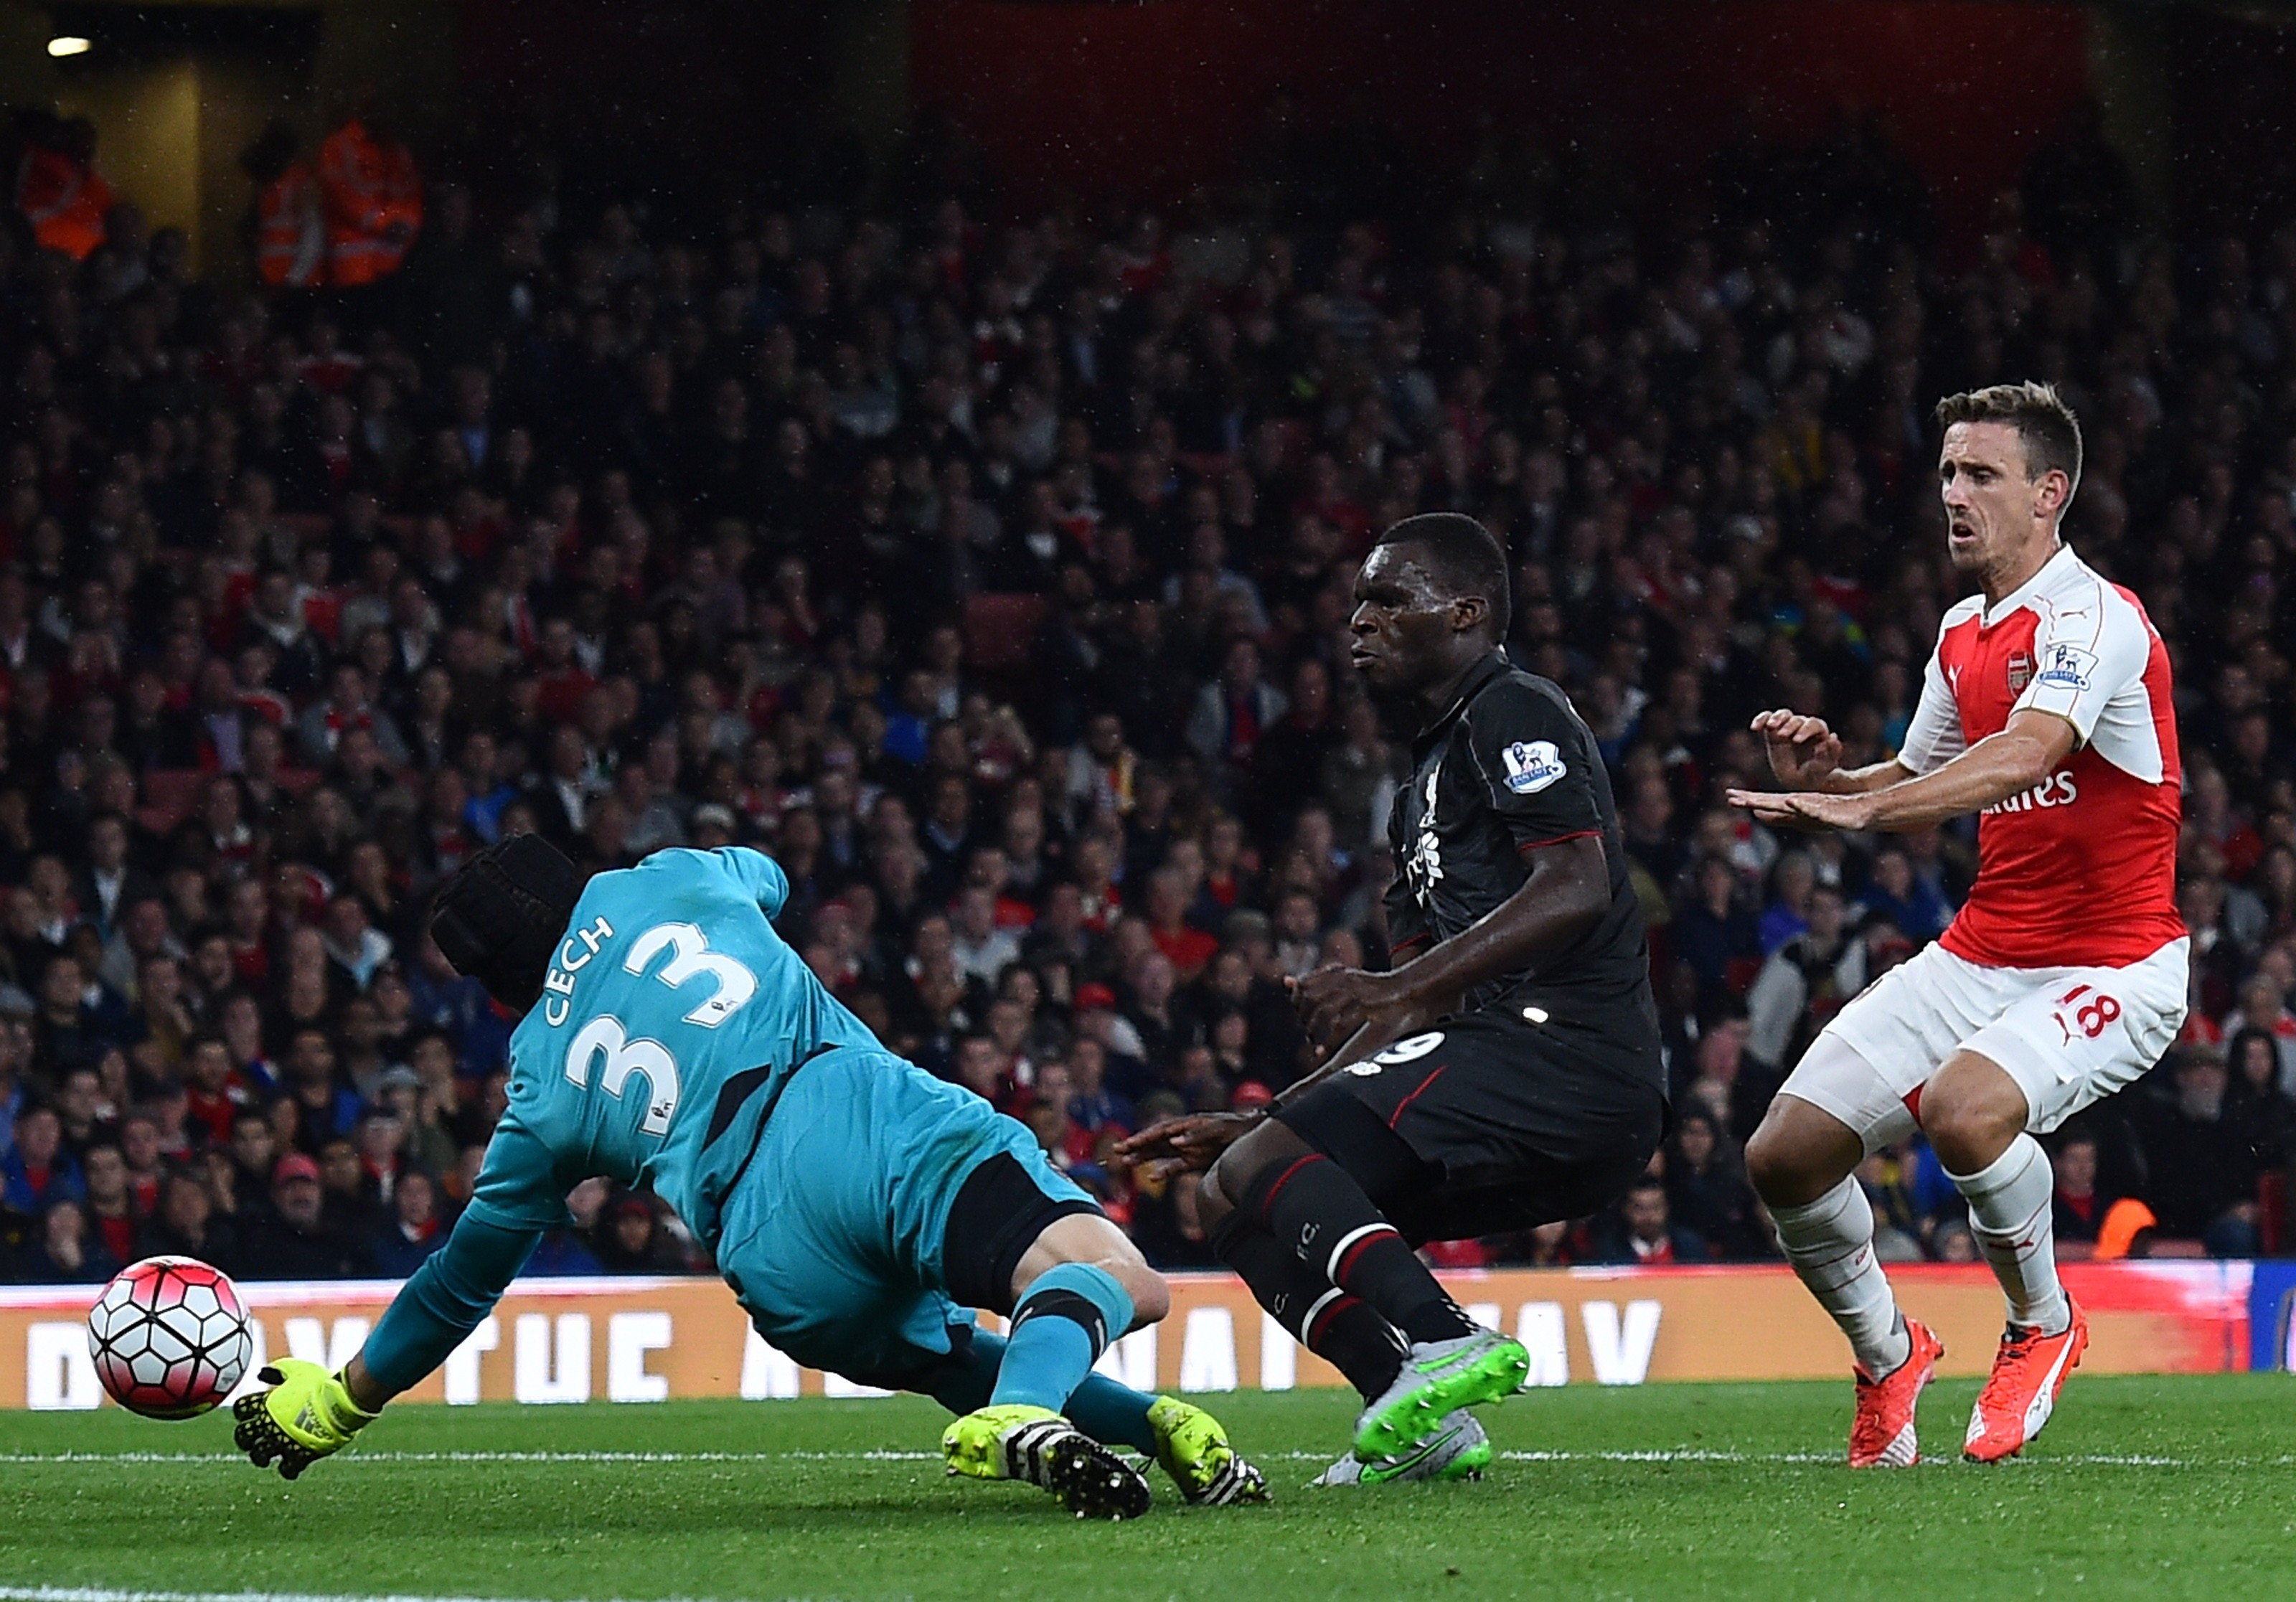 МЮ упустил победу с Арсеналом, первое место Челси в итогах 12-го тура АПЛ